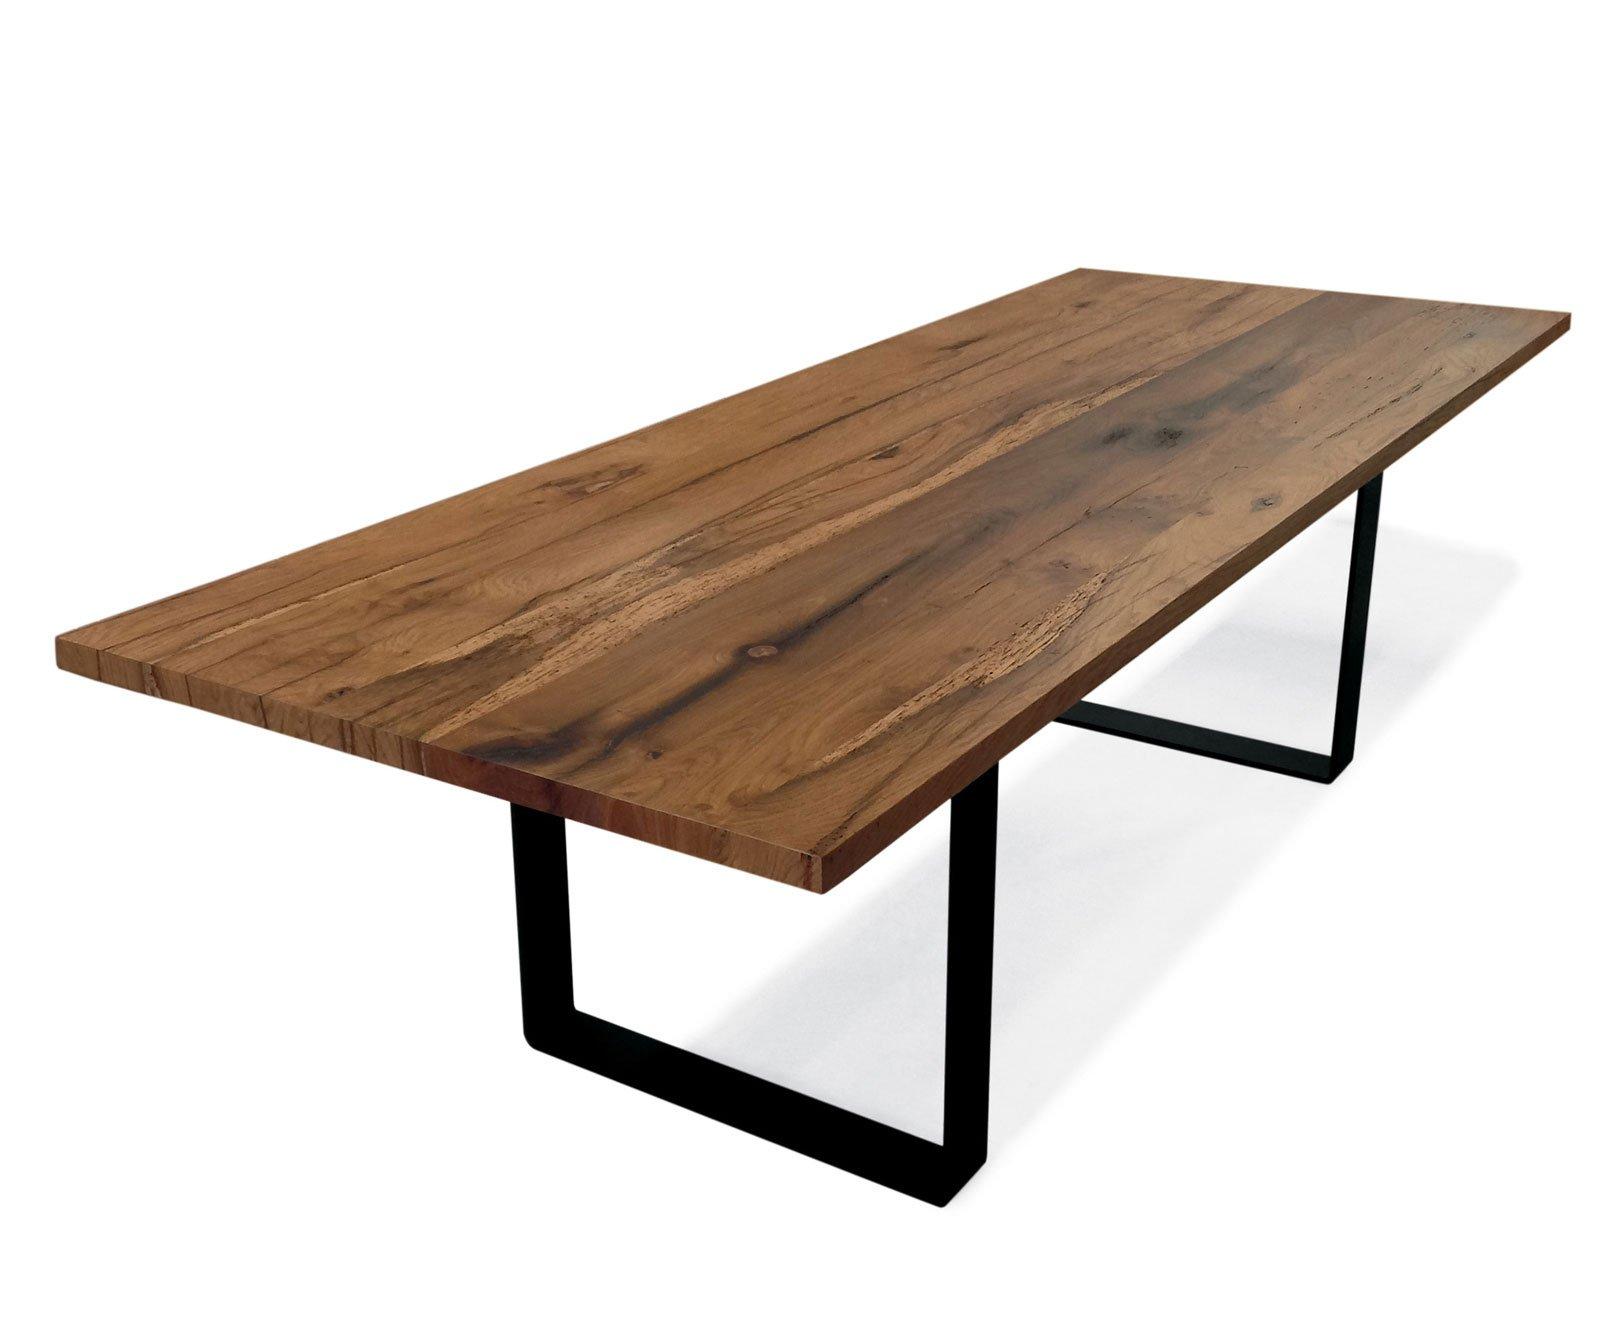 Tavoli al salone del mobile 2015 prevale l 39 essenzialit for Piano terra di 500 piedi quadrati